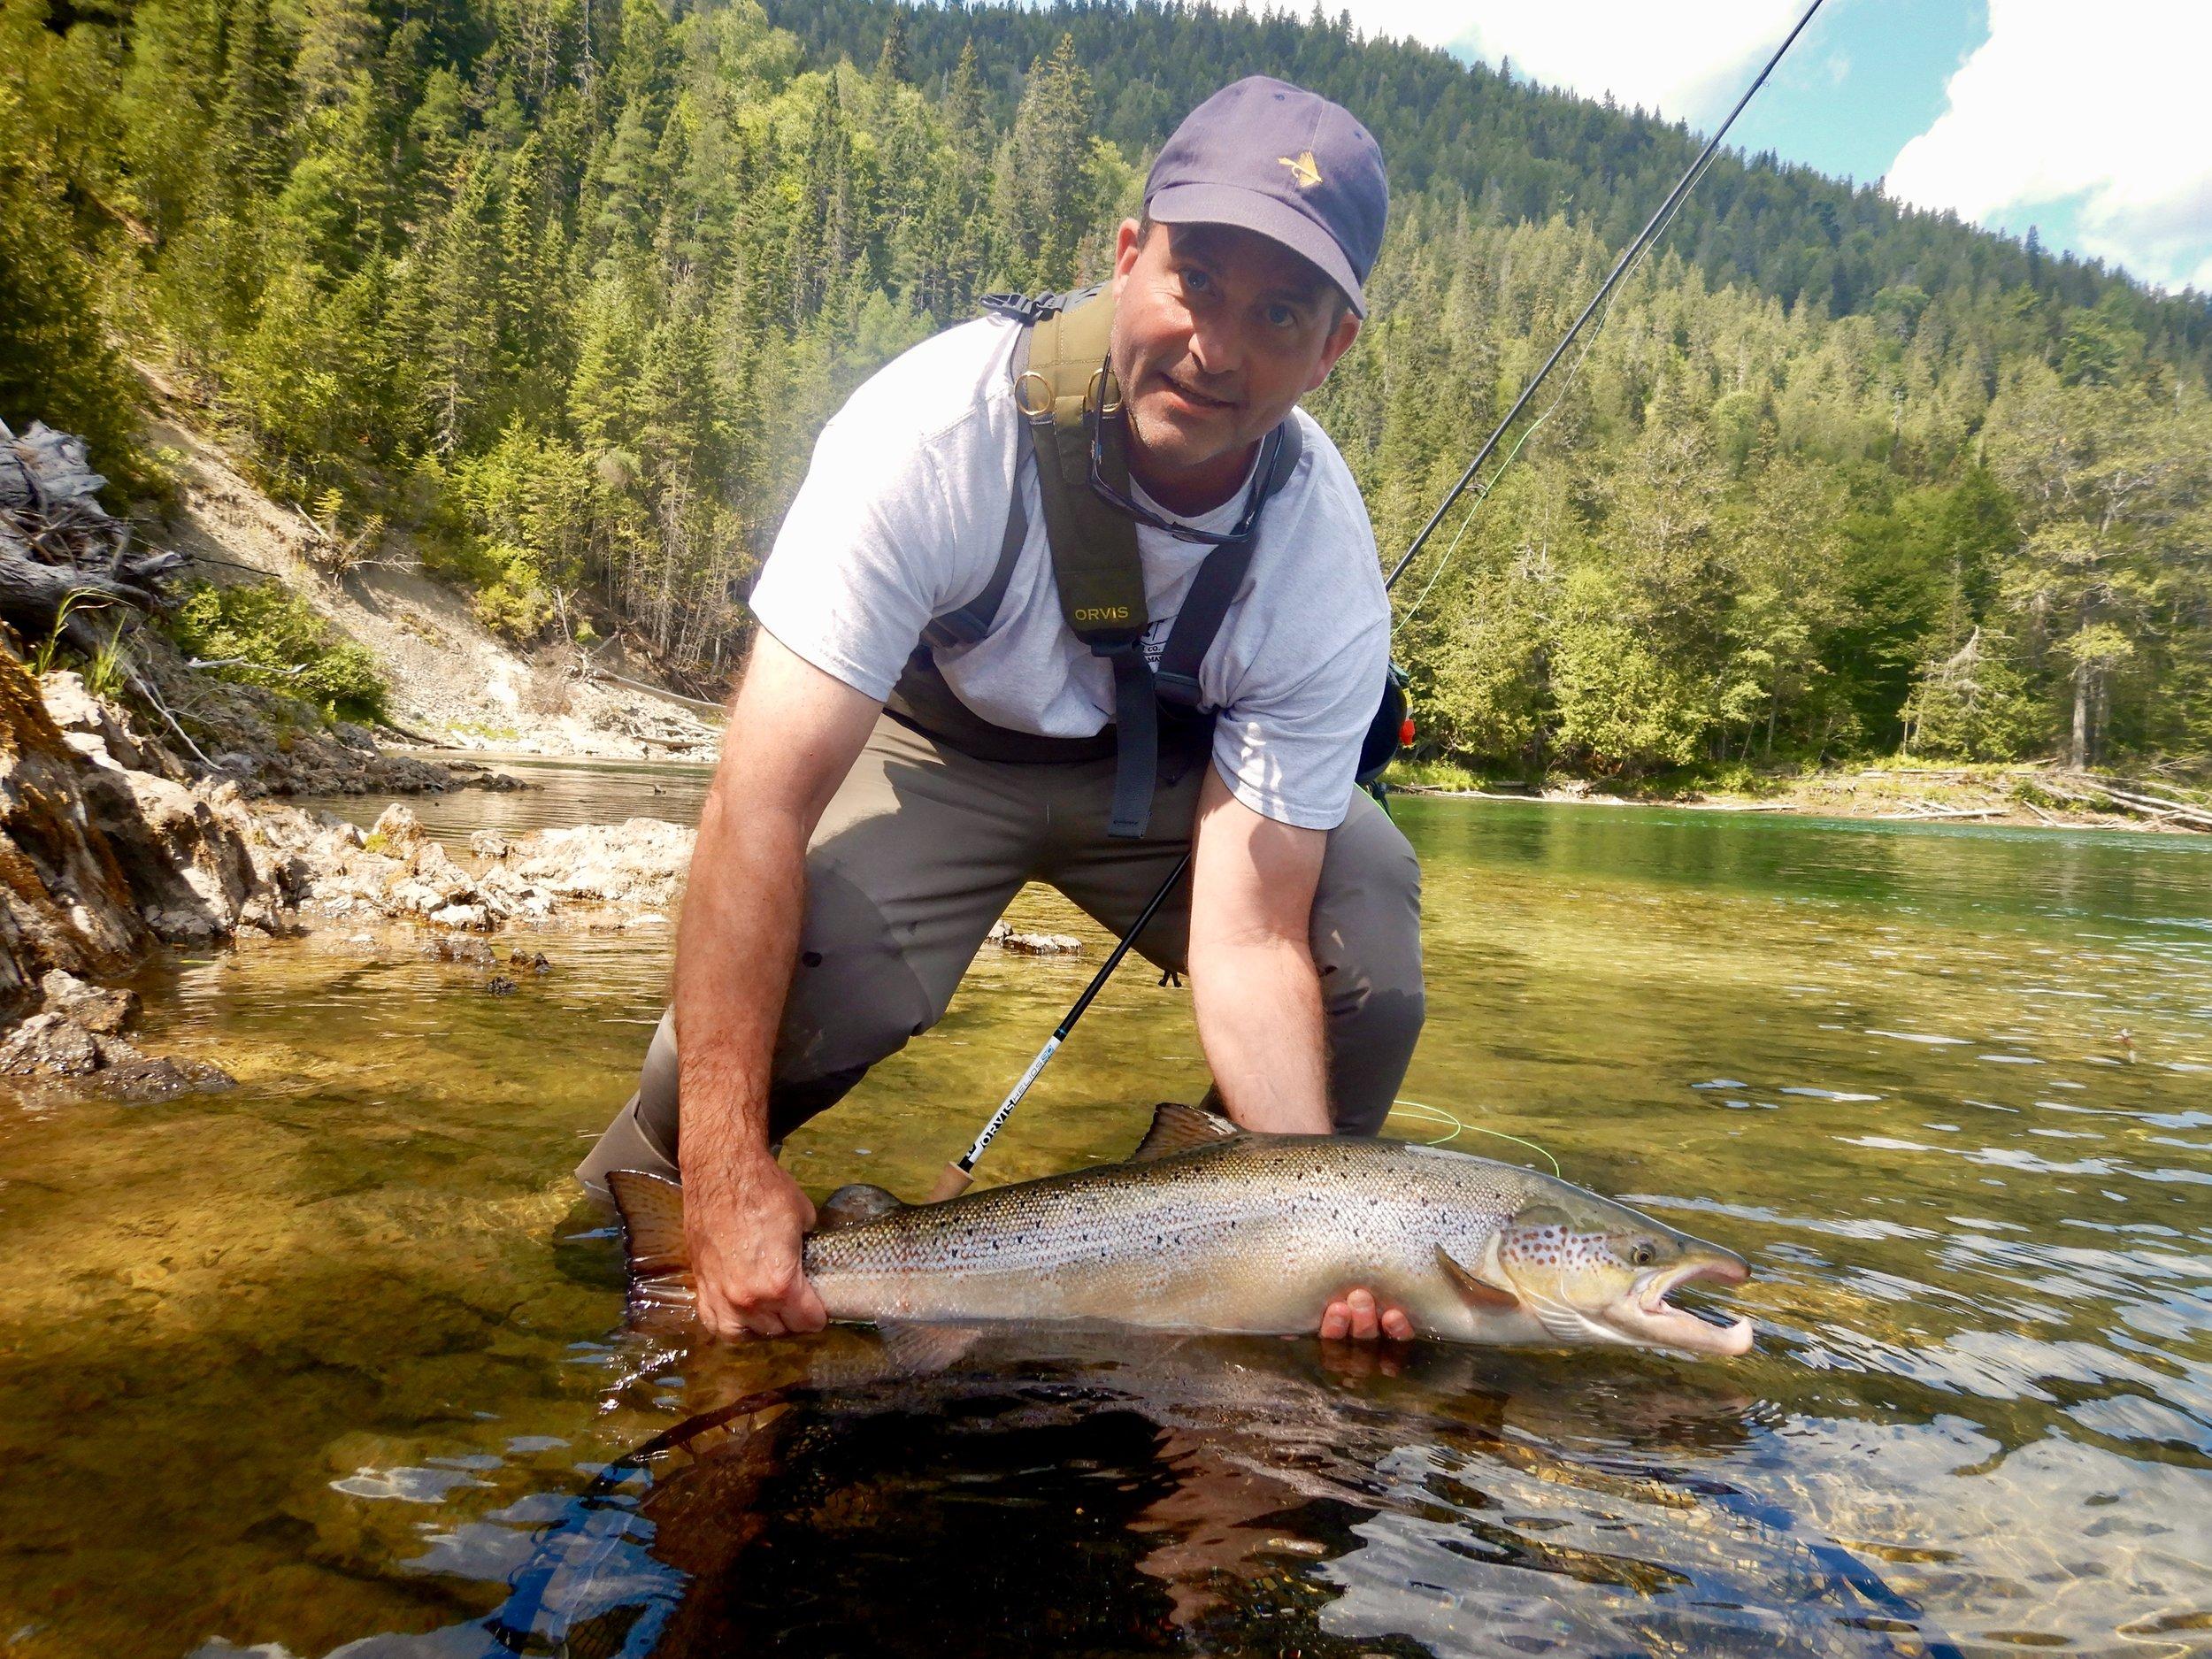 Peter Bowles, qui en était à sa première visite à Salmon Lodge, remet à l'eau un superbe saumon capturé dans la Petite Cascapédia. Beau travail, Peter!